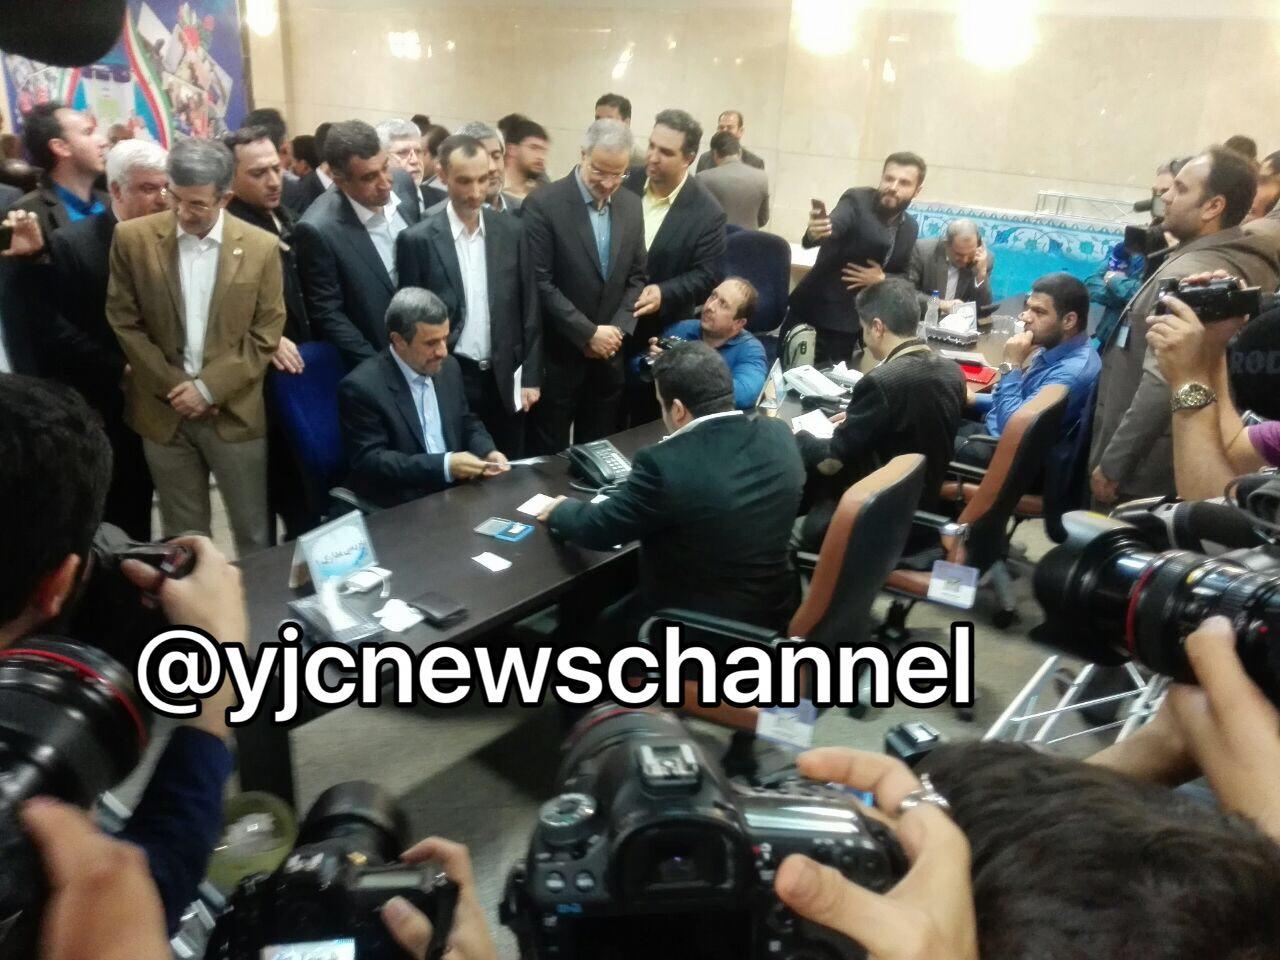 محمود احمدی نژاد در انتخابات ریاست جمهوری ثبت نام کرد+تصویر